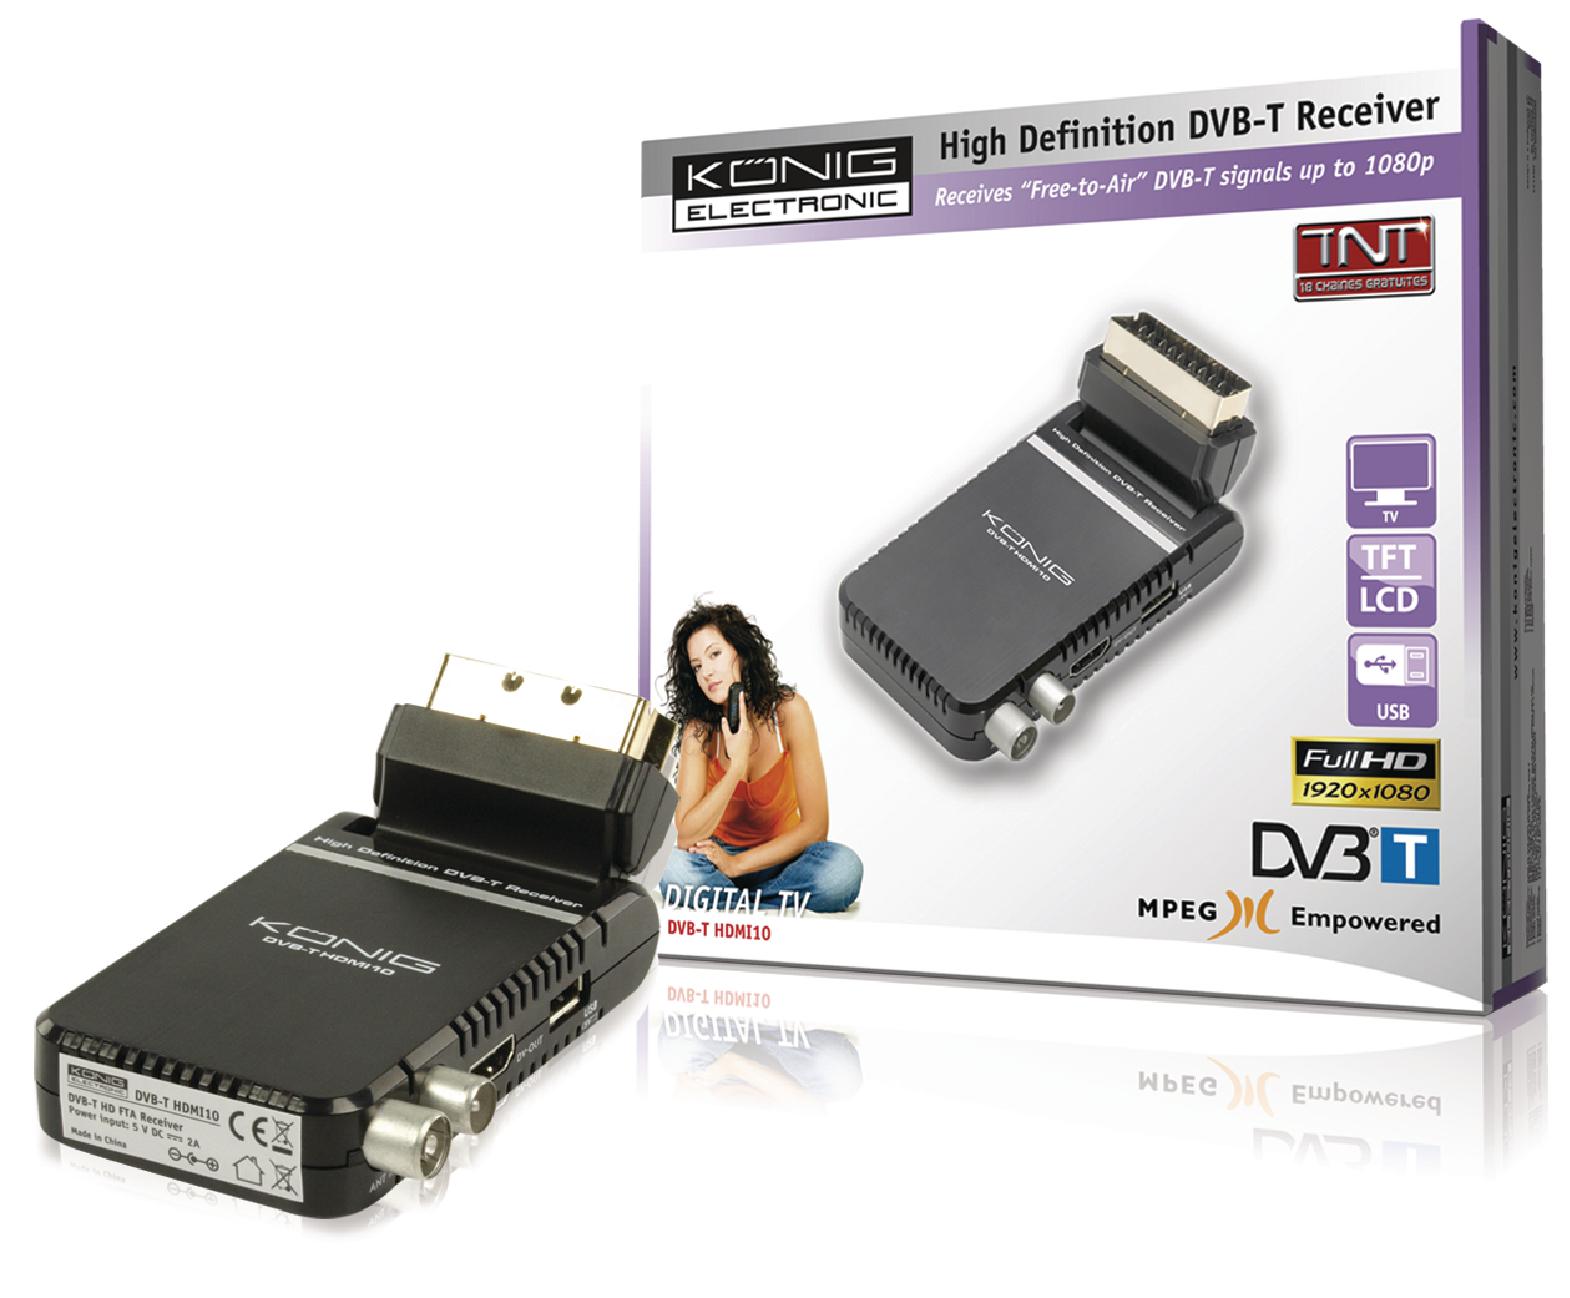 dvb t hdmi10 k nig high definition dvb t receiver electronic. Black Bedroom Furniture Sets. Home Design Ideas